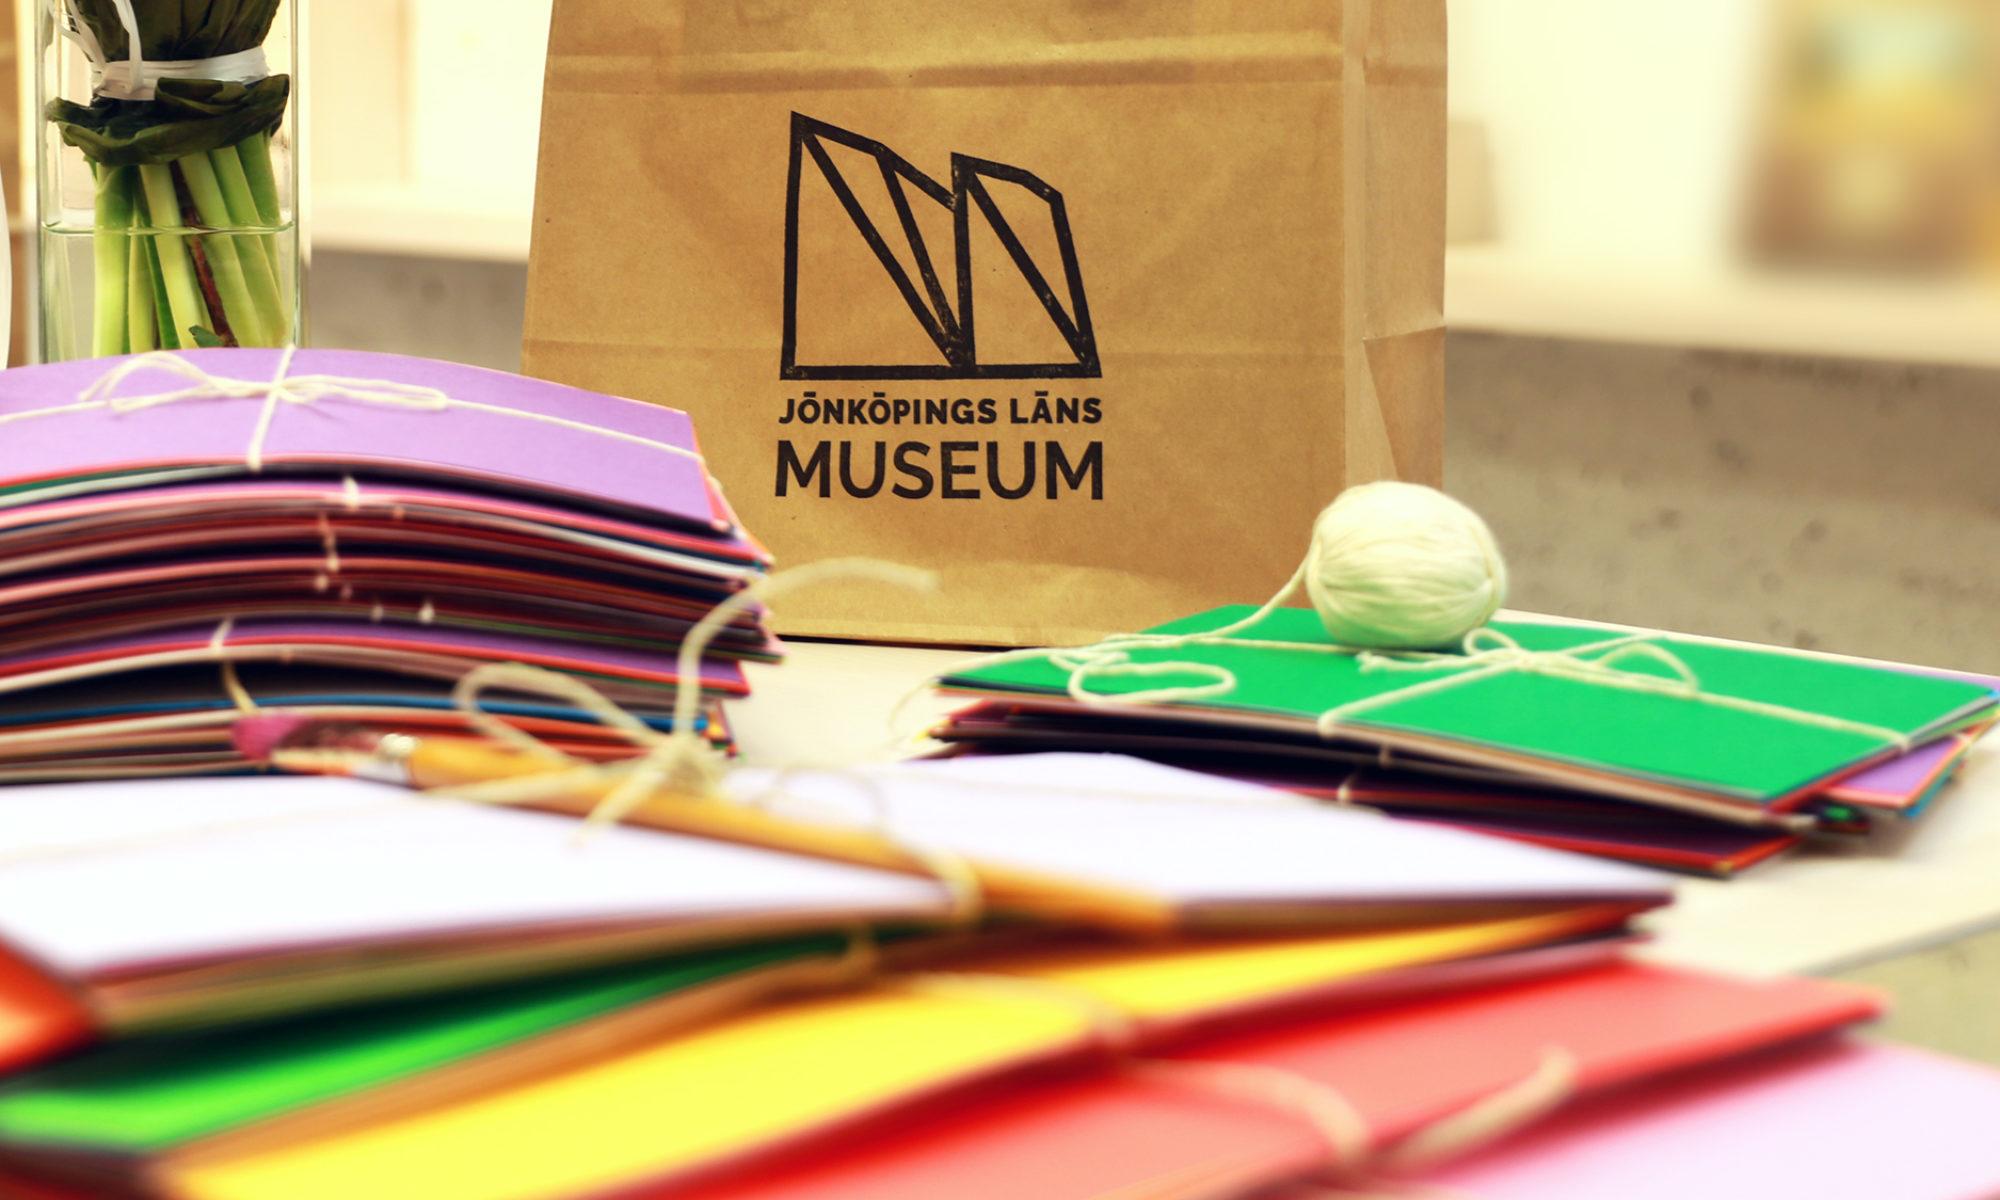 Pappersark i olika färger i högar, en rulle med snöre och en papperspåse med museets logotyp